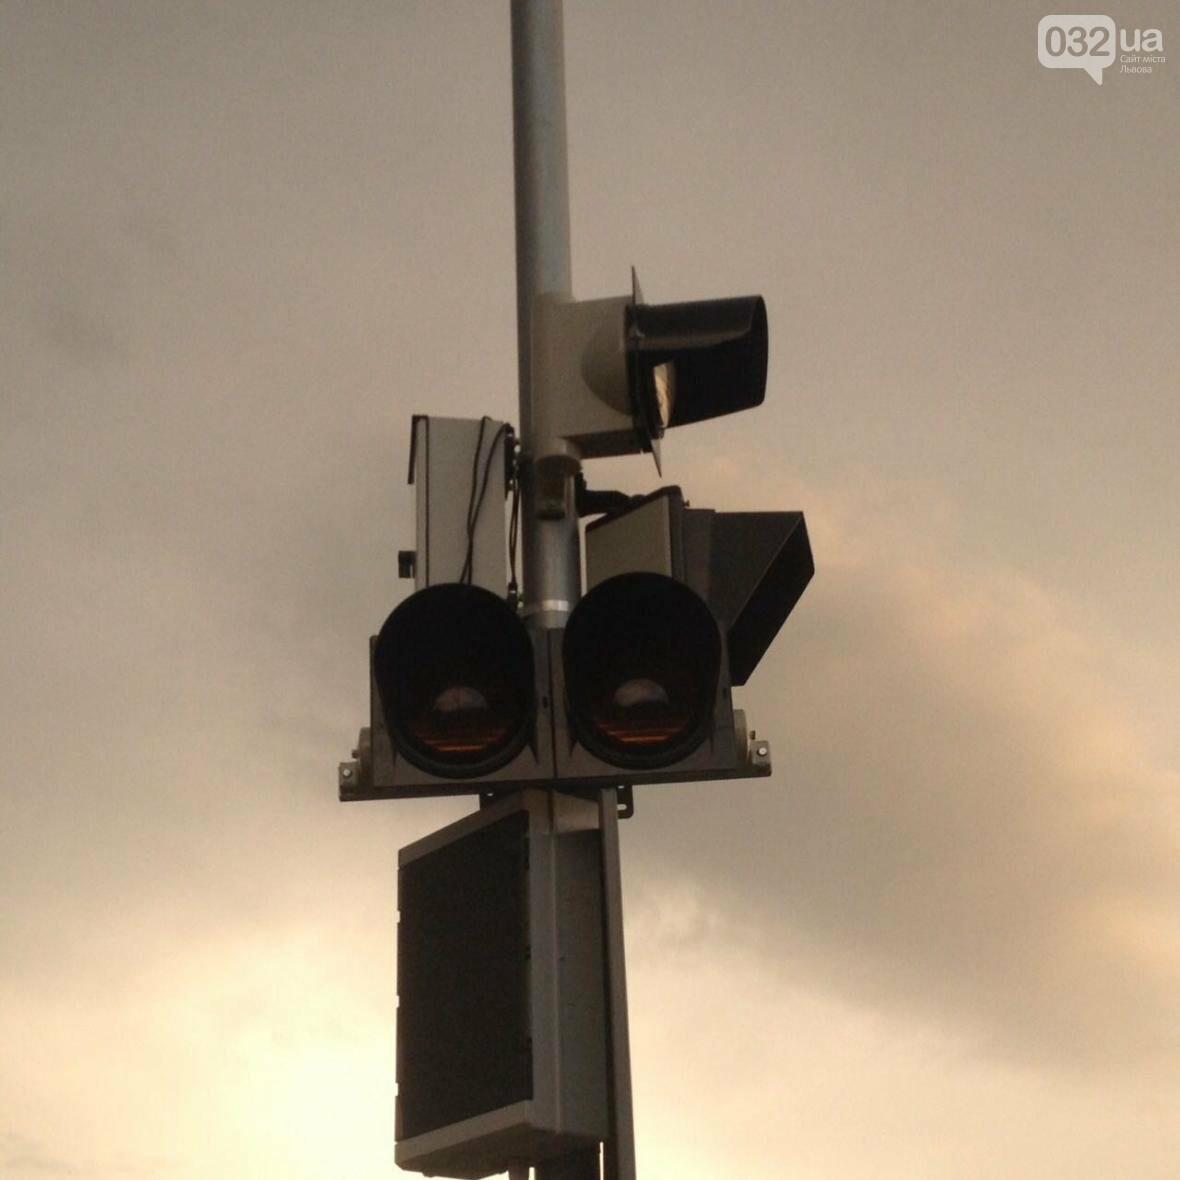 Впродовж цього тижня вздовж лінії сихівського трамвая запрацюють розумні світлофори (ФОТО), фото-3